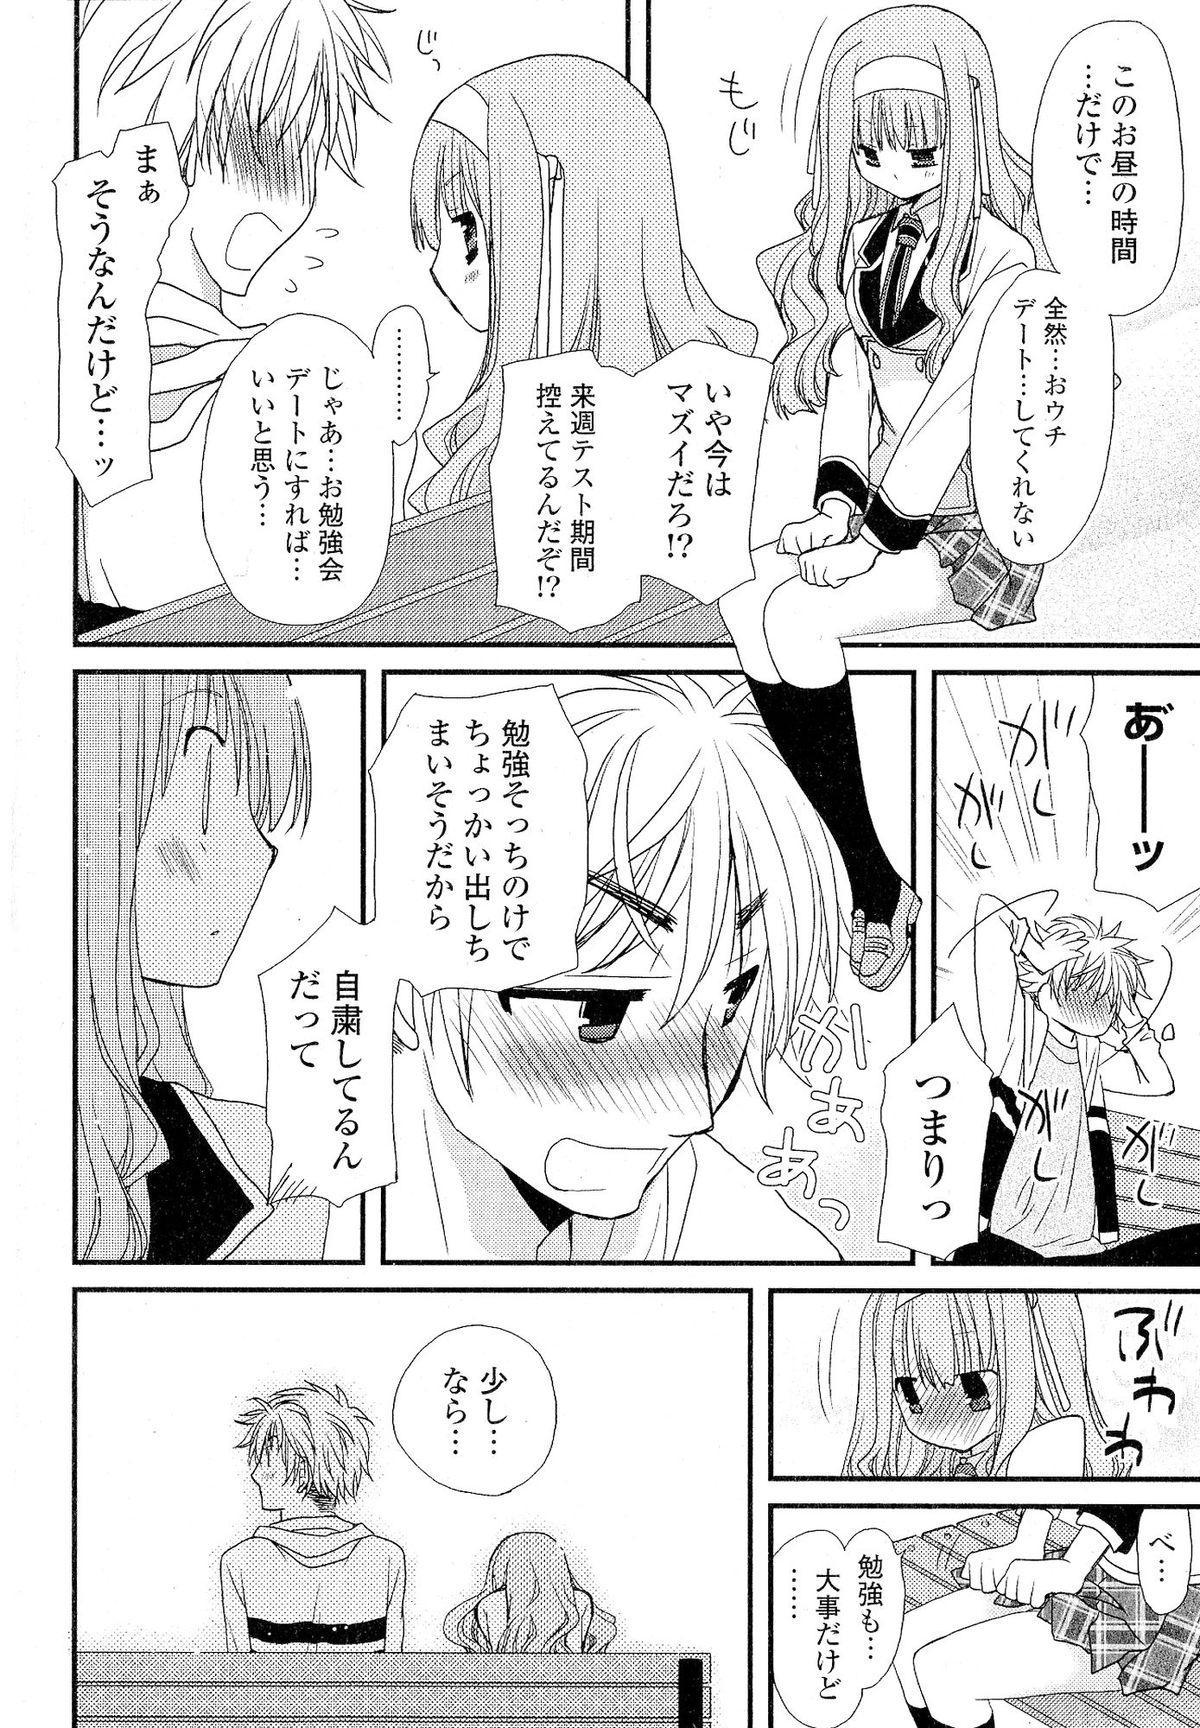 Doki ga Mune Mune Chichimusume 133